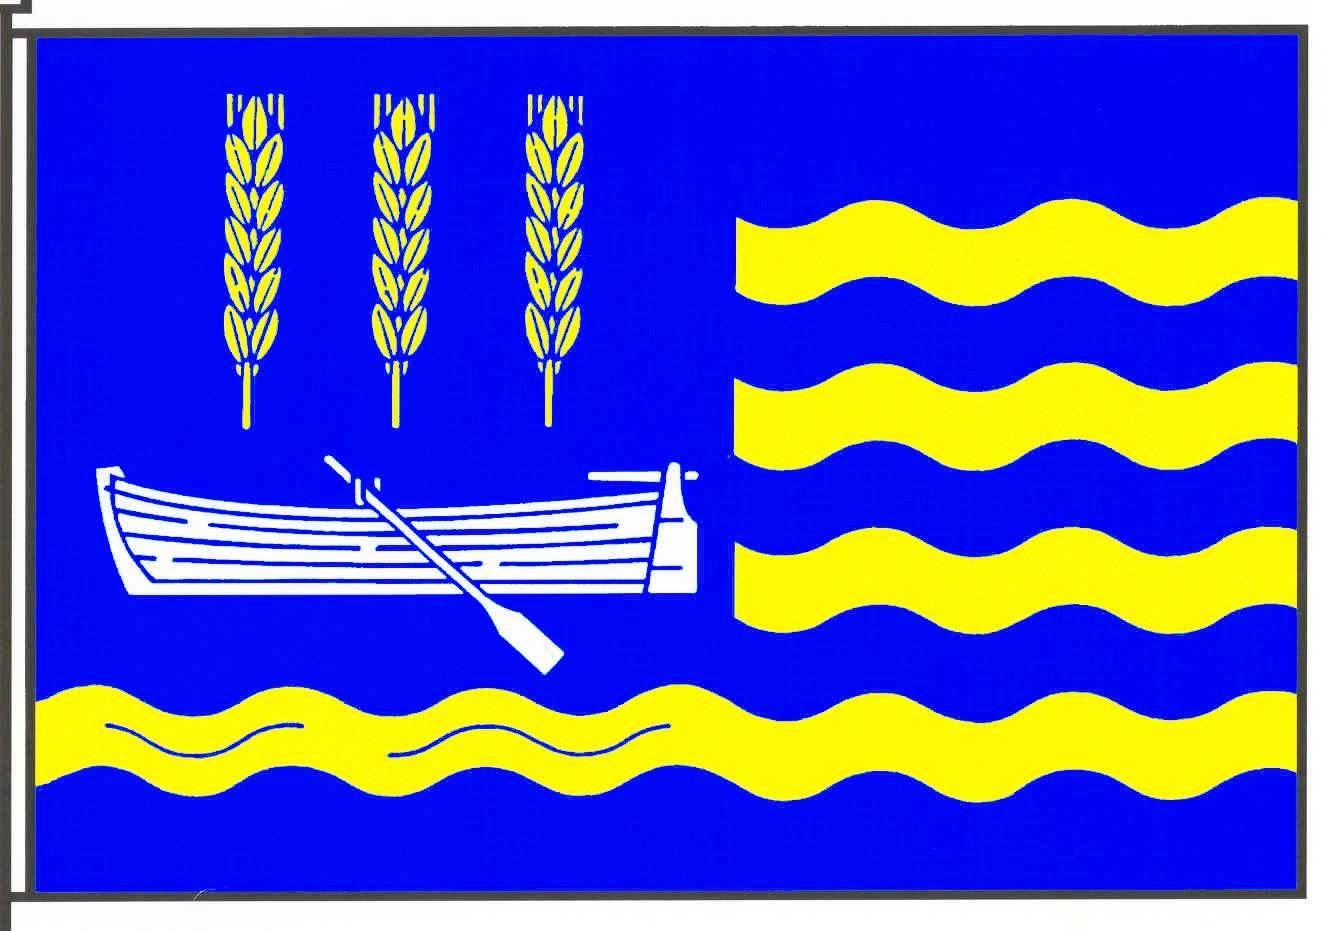 Flagge GemeindeNeufeld, Kreis Dithmarschen